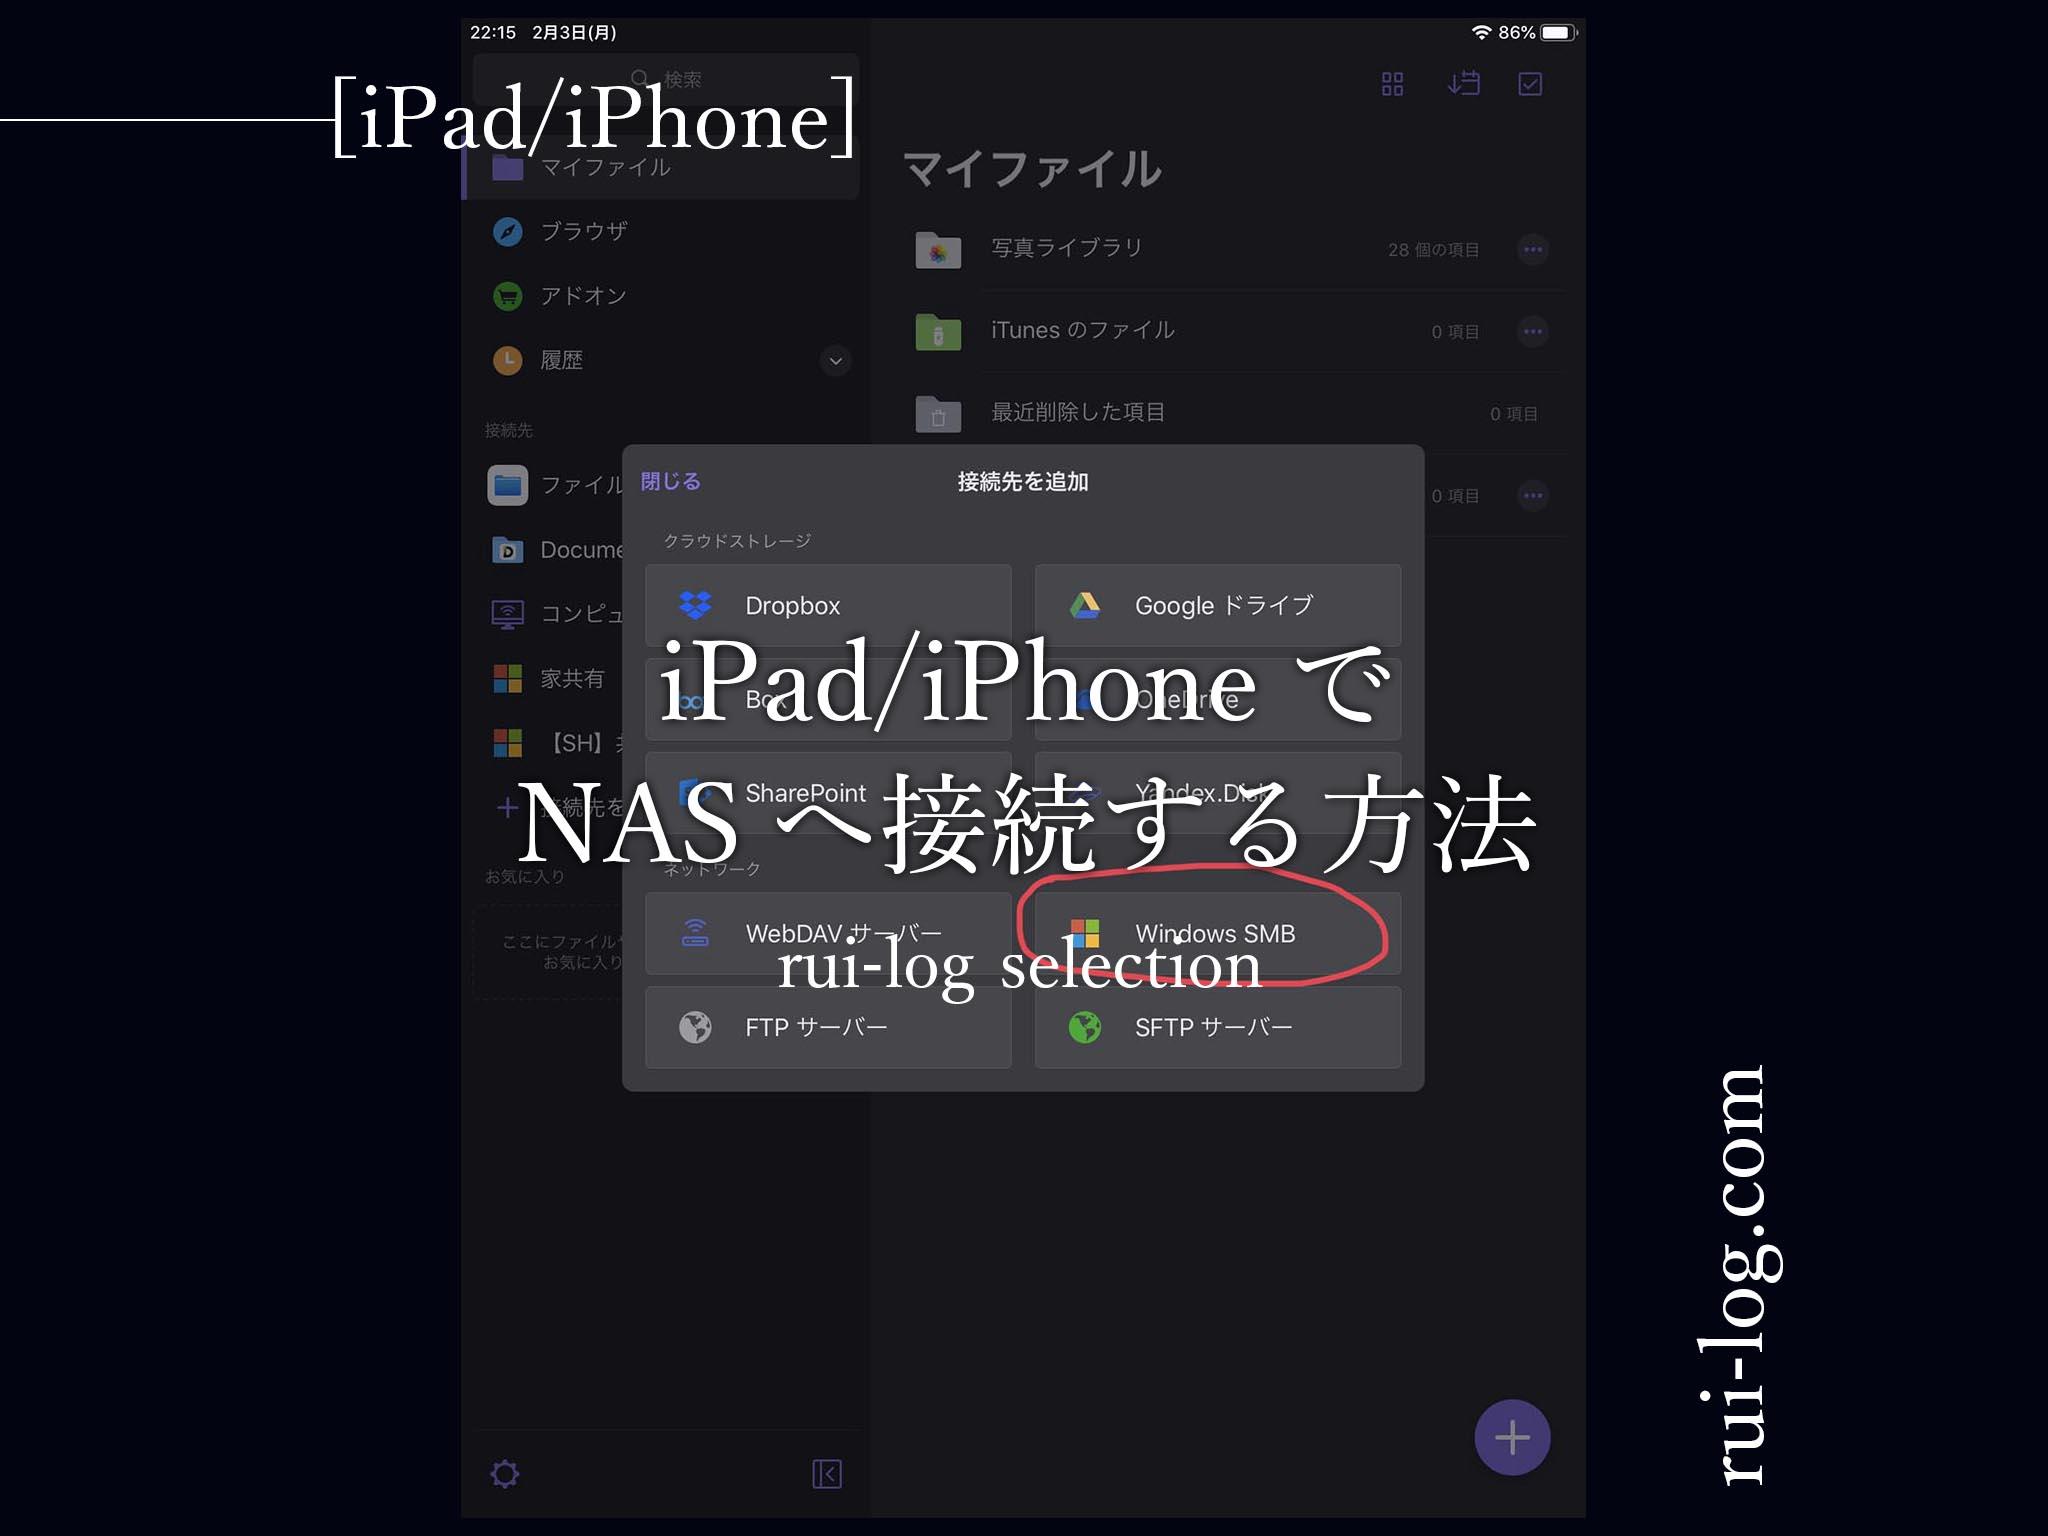 iPadやiPhoneでNASへ接続する方法をルイログが解説